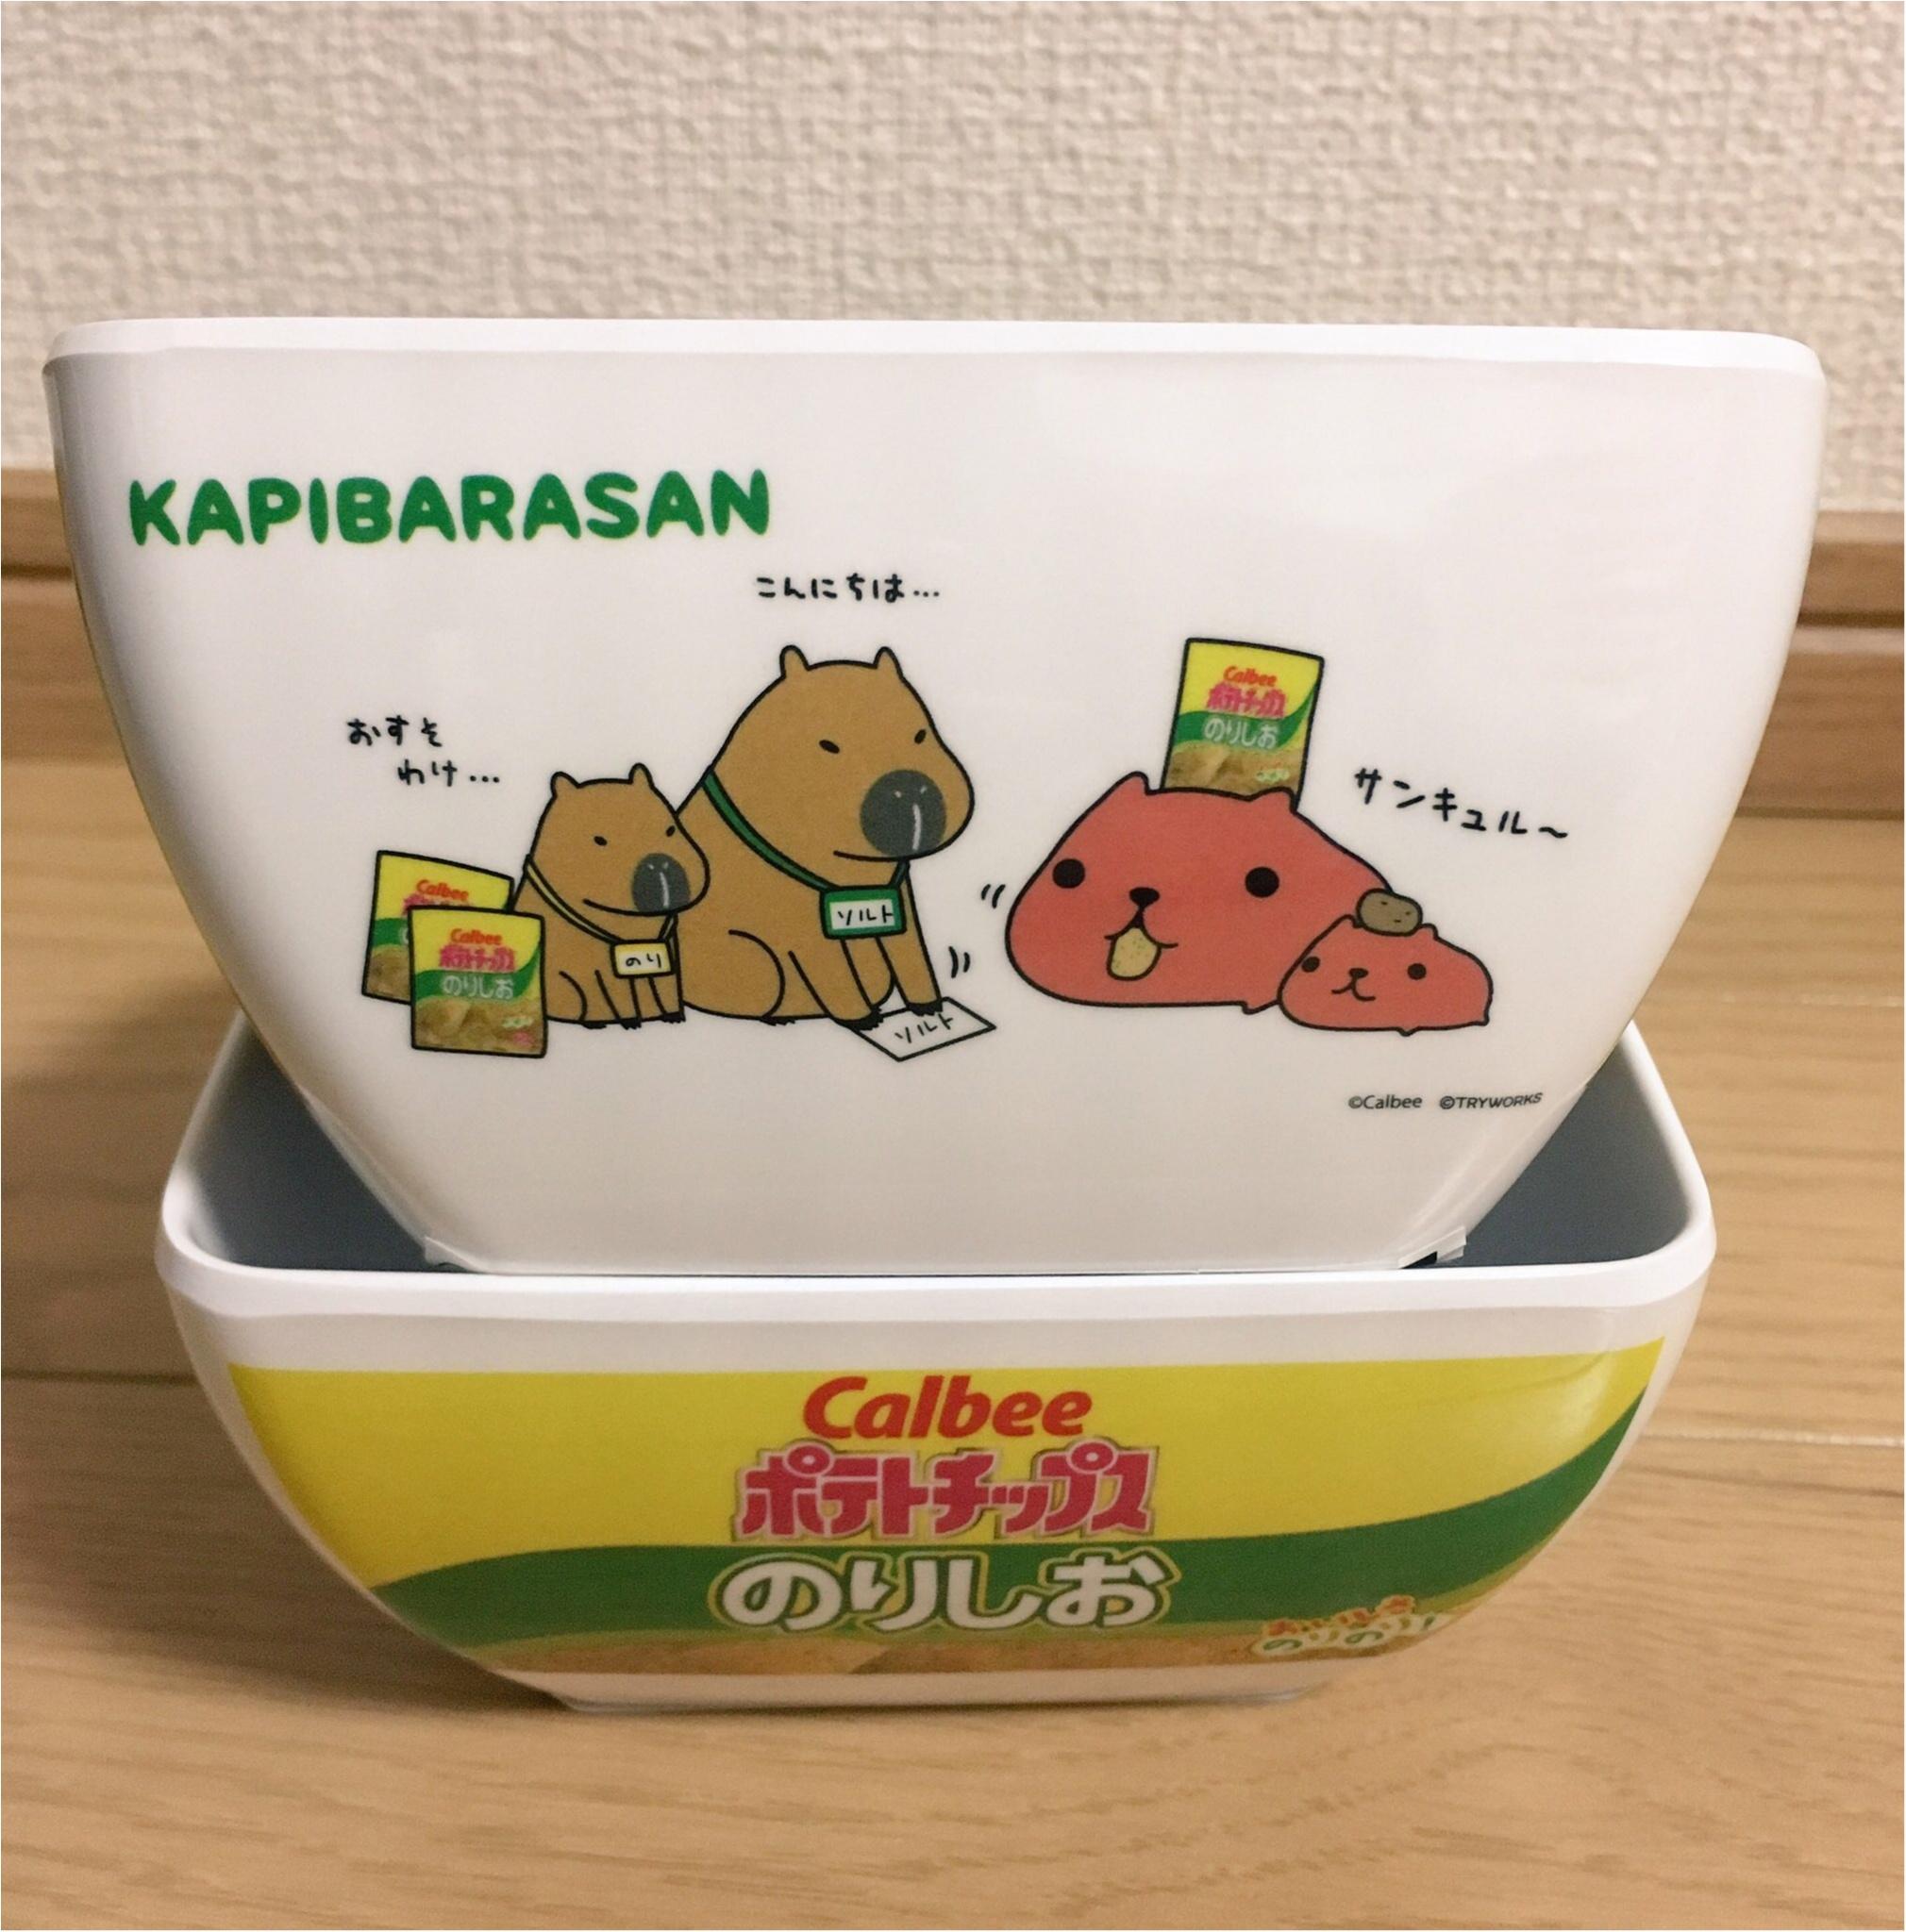 『カピバラさん×東京駅』作者チダケイコ先生サイン会&Calbeeプラスに行ってきました(*´ ˘ `*)♡_11